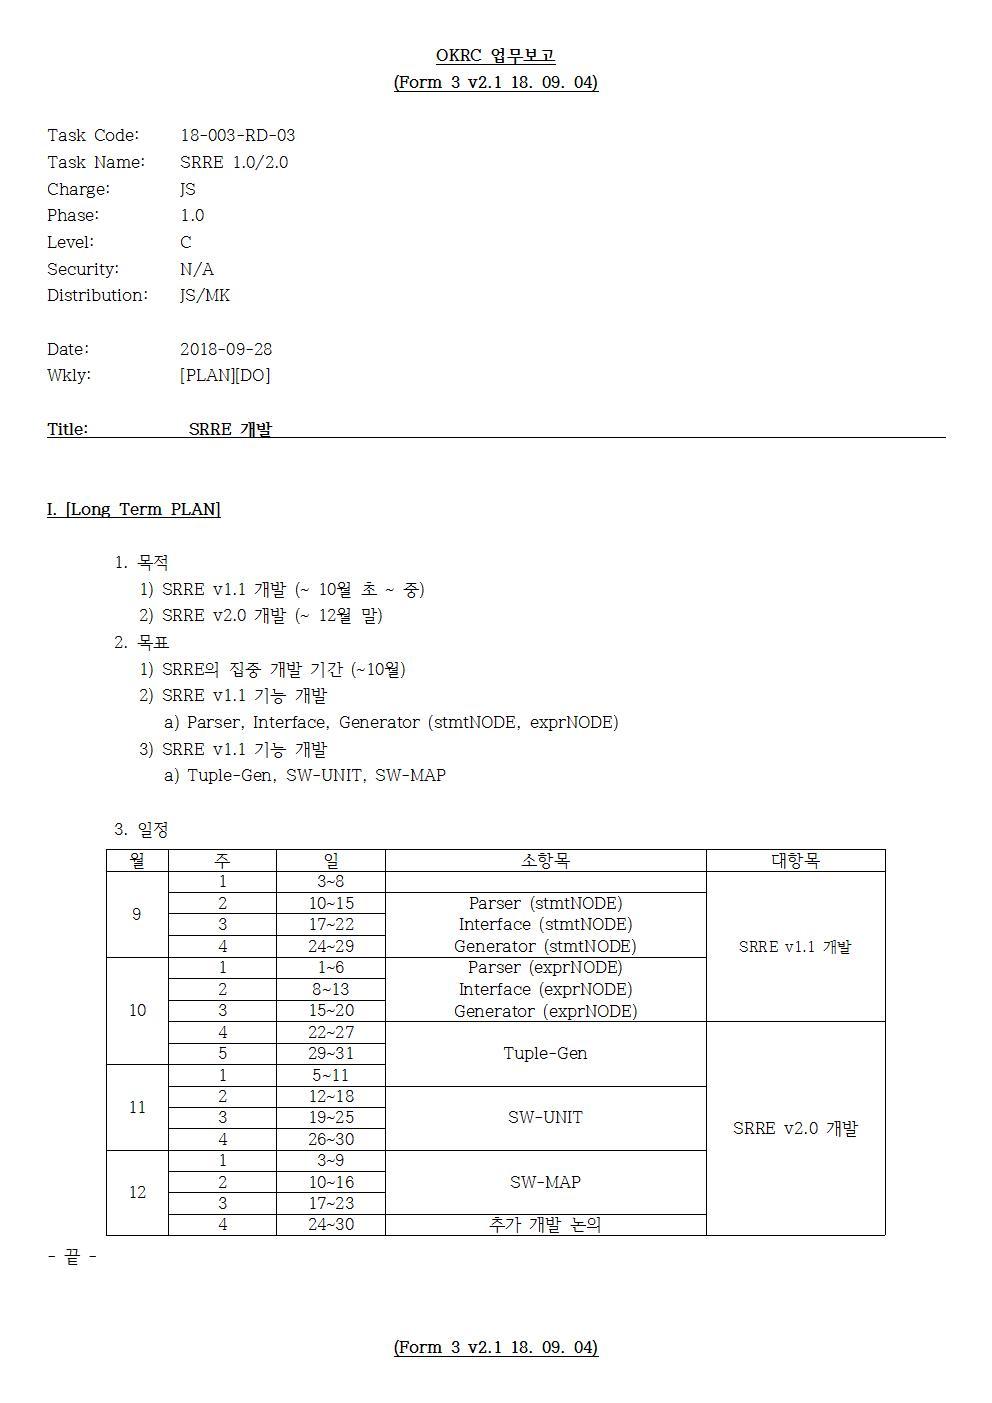 D-[18-003-RD-03]-[SRRE]-[2018-09-28][JS]001.jpg